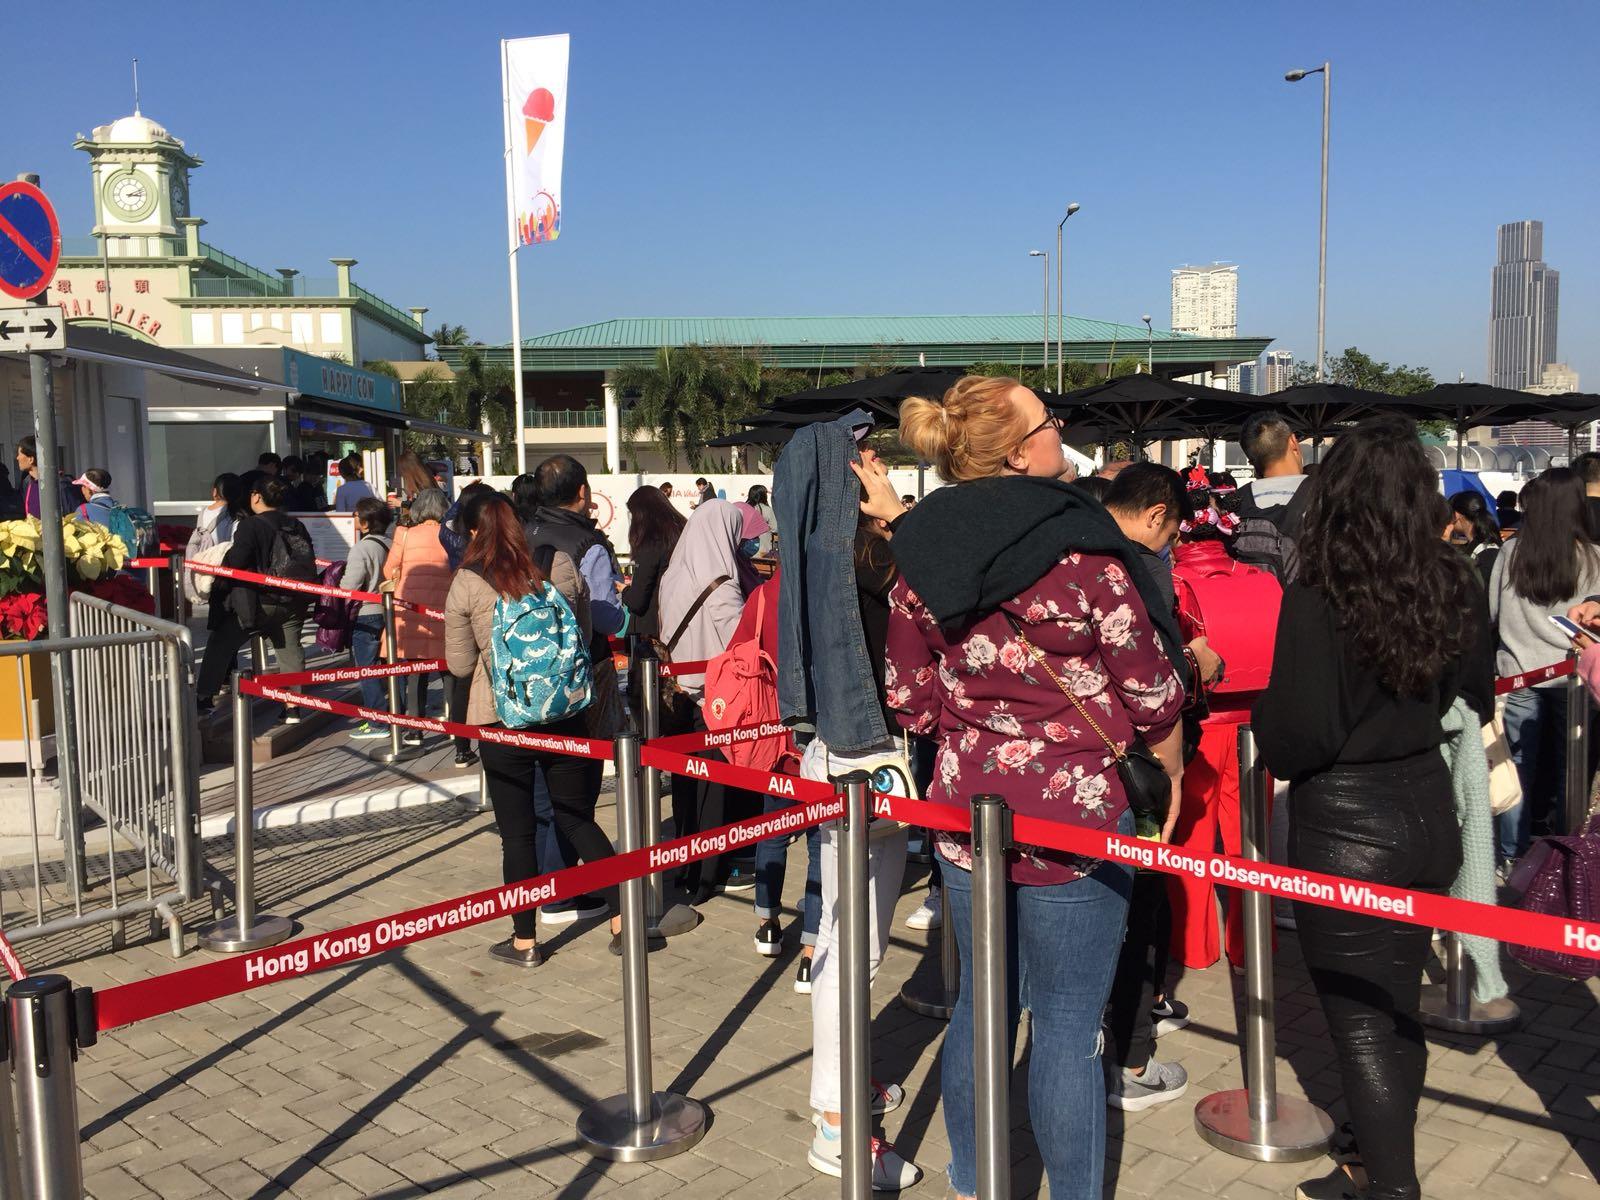 至下午3時售票處仍有約100人排隊。